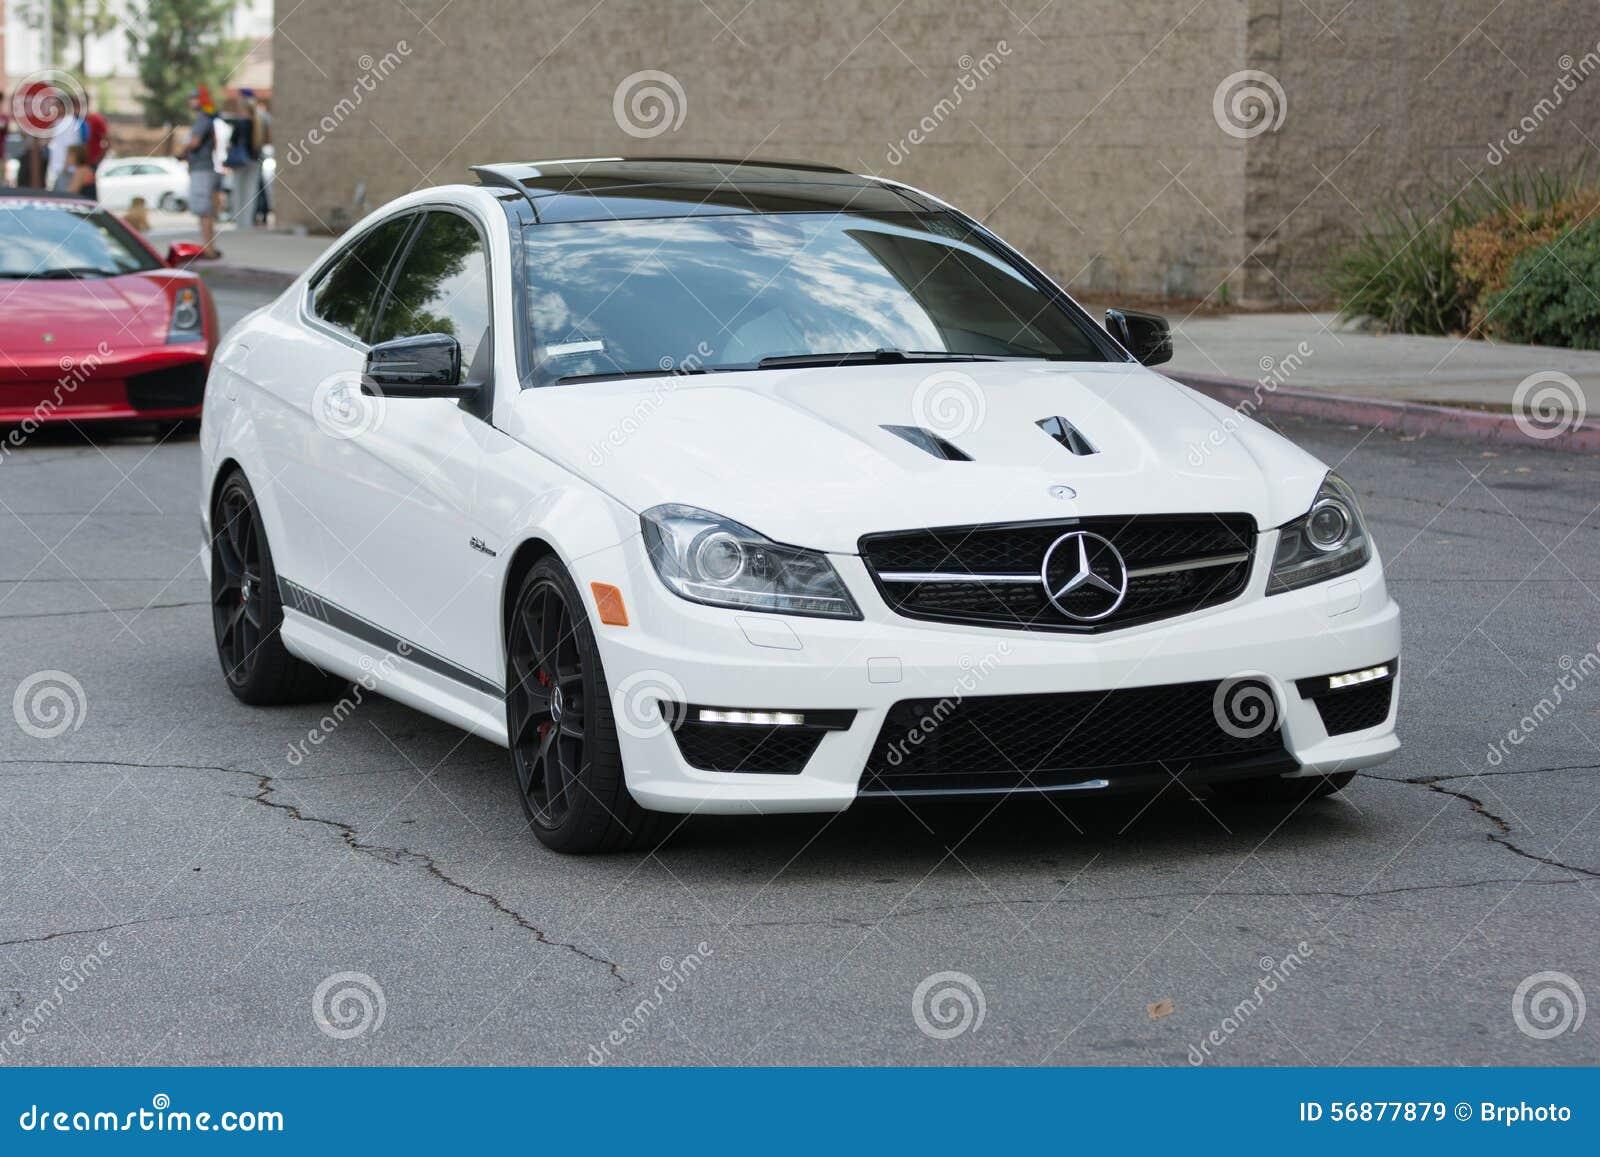 Auto Mercedes Benzs c63 AMG auf Anzeige